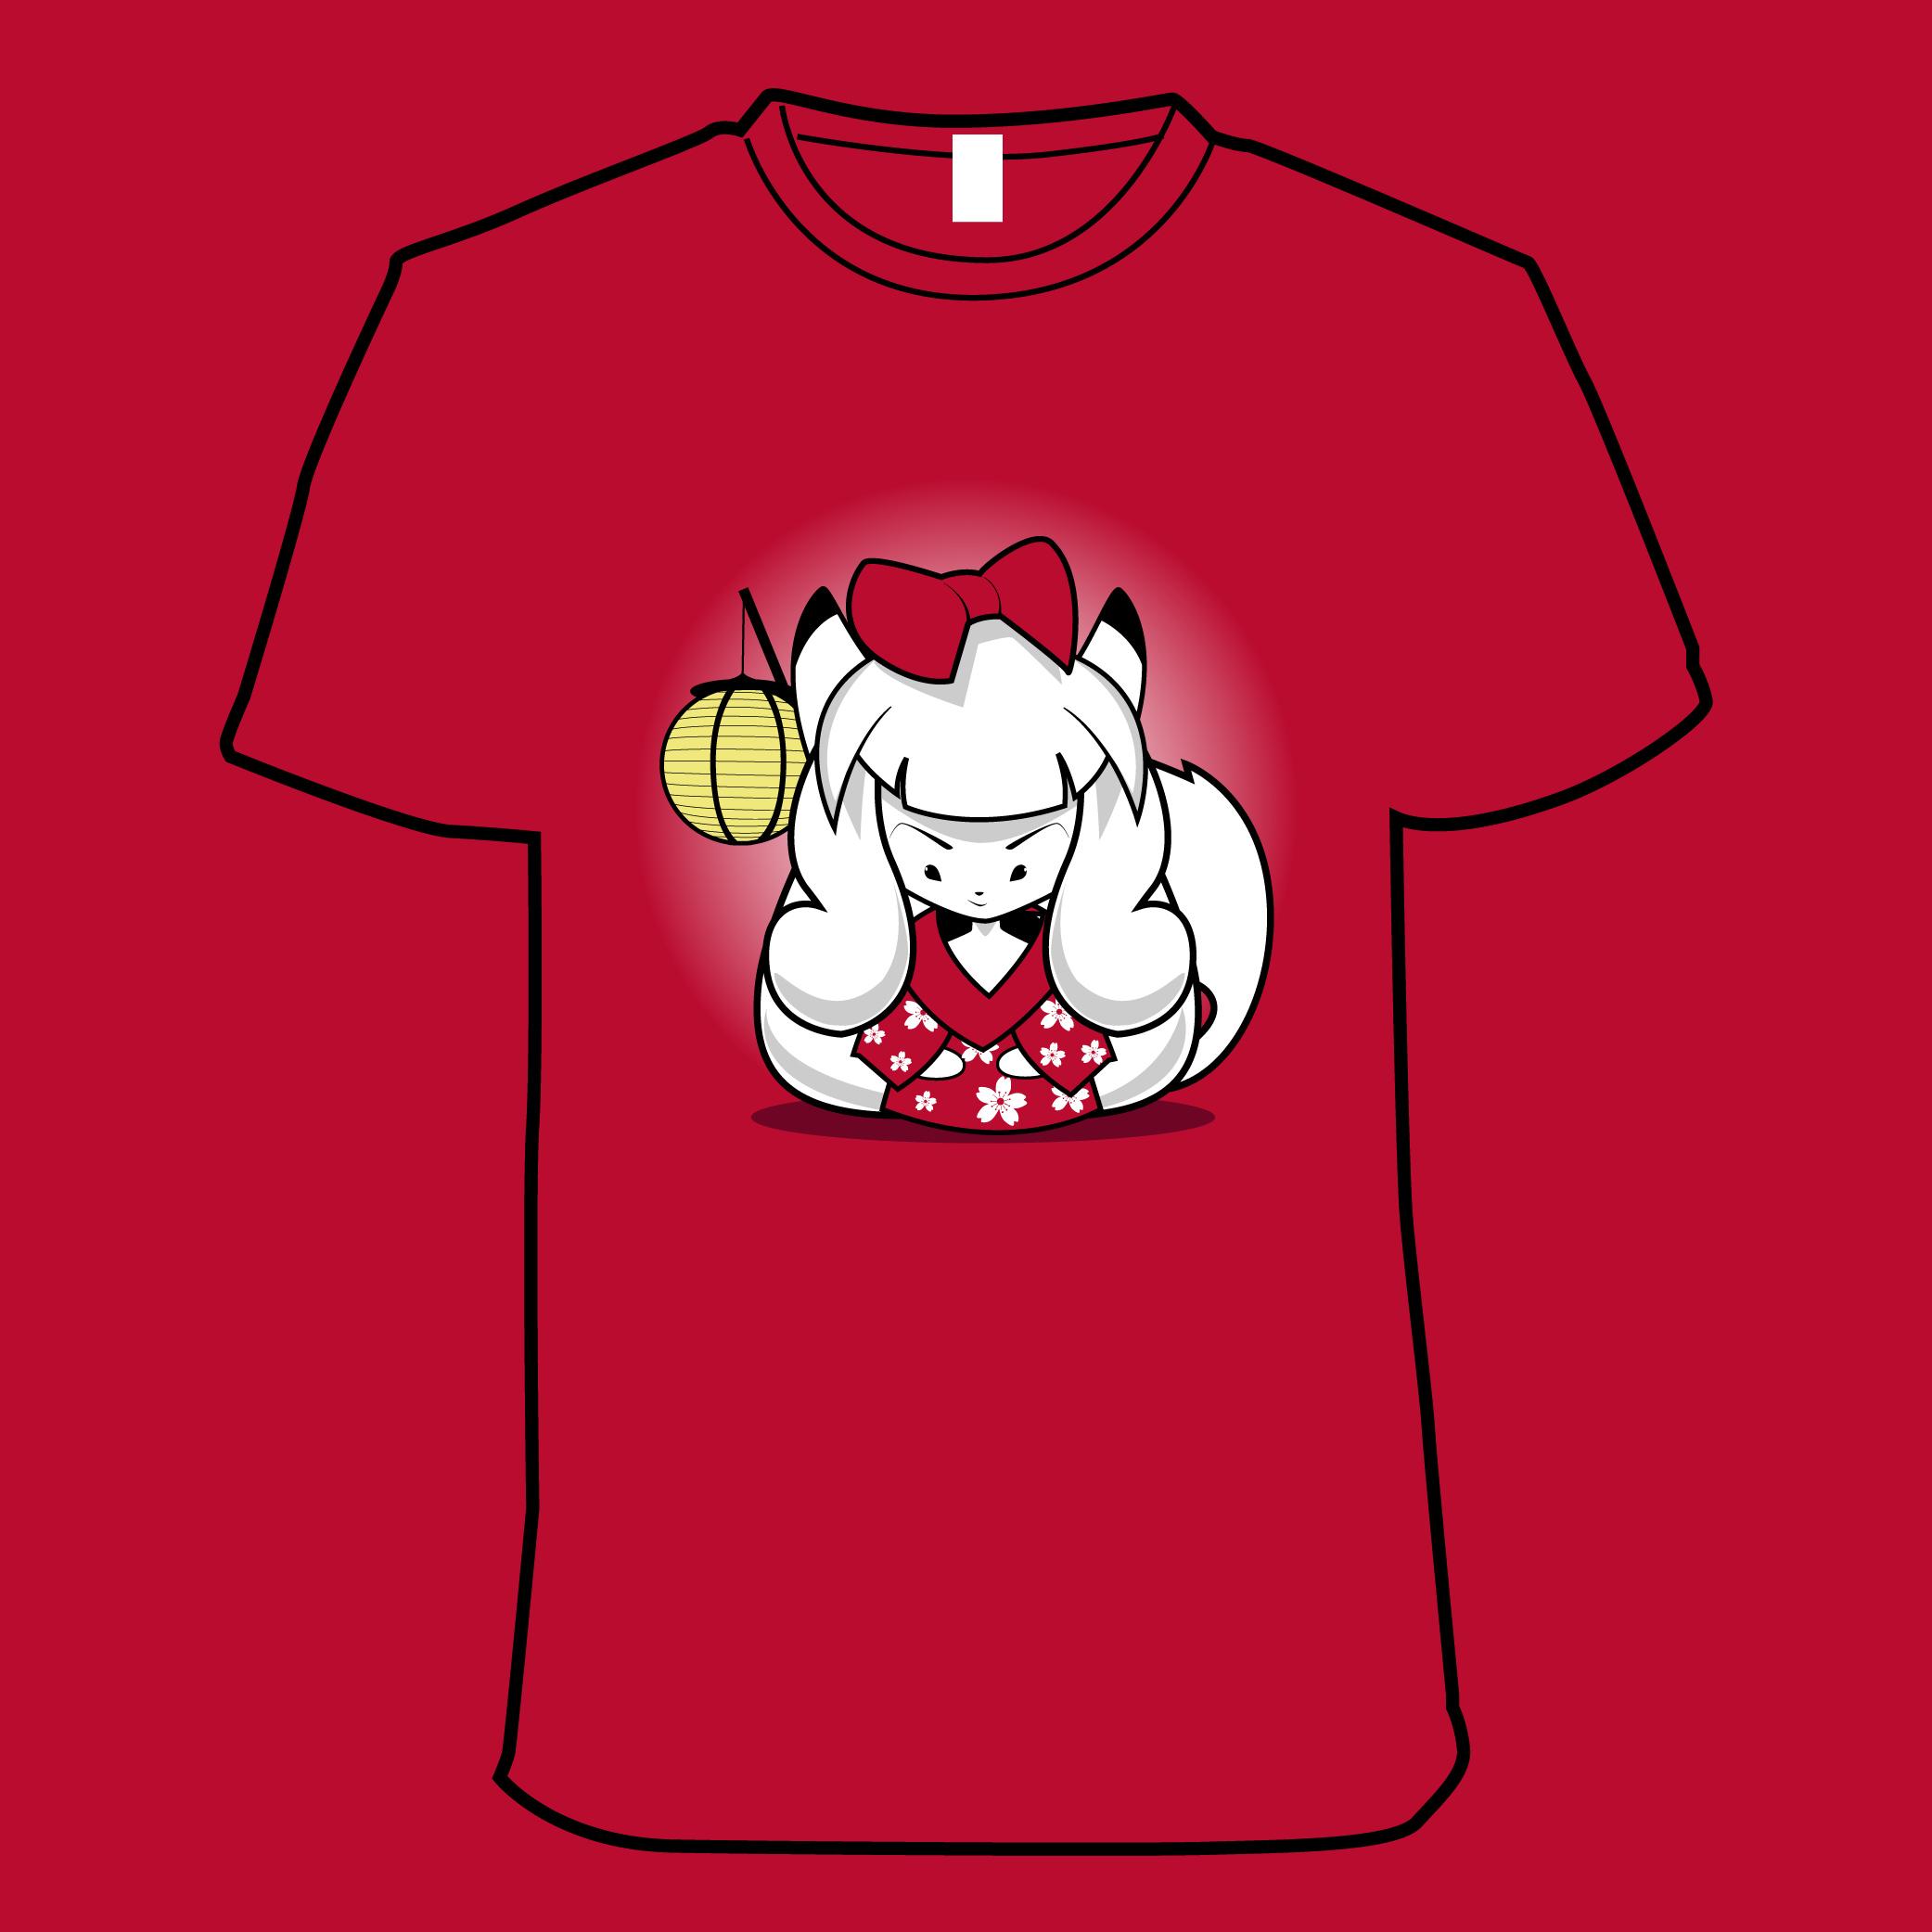 23bda30c Nyan Cat T Shirt Uk - DREAMWORKS